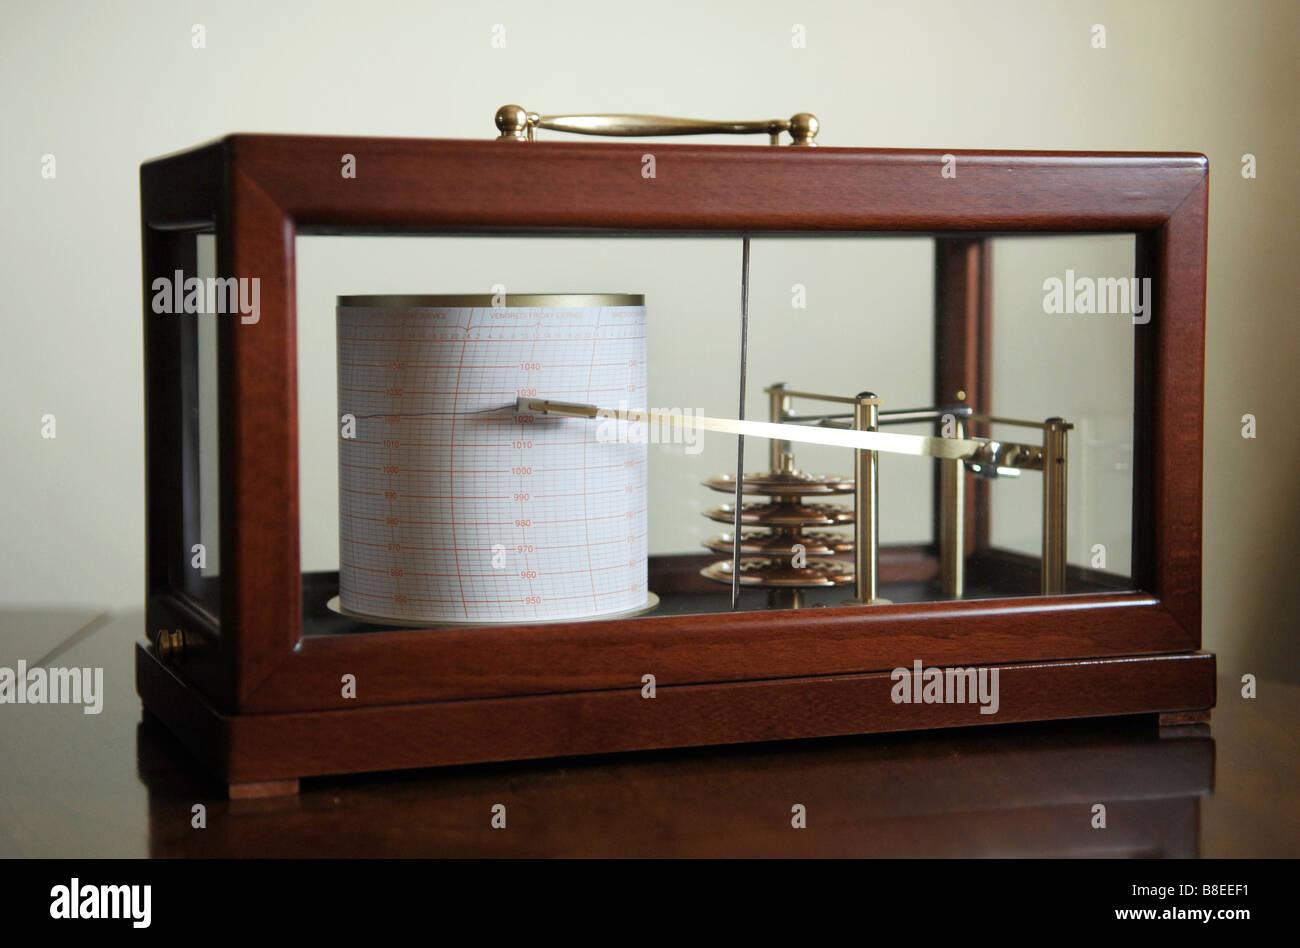 Un barogaph utilizados para las predicciones meteorológicas midiendo la presión barométrica Imagen De Stock